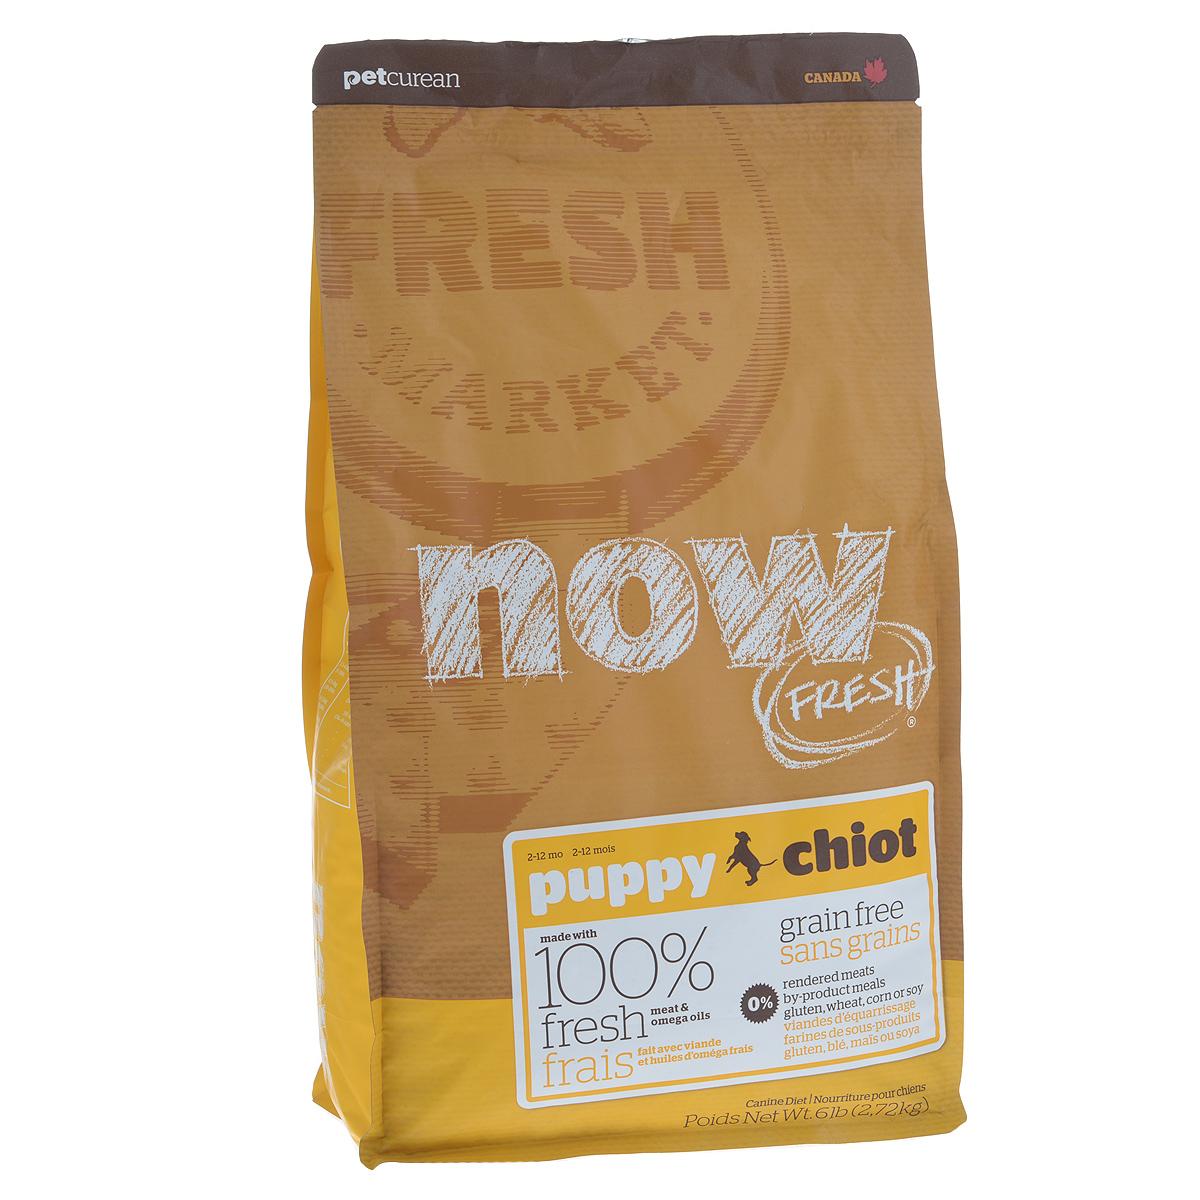 Корм сухой Now Fresh для щенков, беззерновой, с индейкой, уткой и овощами, 2,72 кг10109Now Fresh - полностью сбалансированный холистик корм для щенков всех пород из филе индейки, утки и лосося.Это первый беззерновой корм со сбалансированным содержание белков и жиров.Ключевые преимущества: - не содержит субпродуктов, красителей, говядины, мясных ингредиентов, выращенных на гормонах, - омега-масла в составе необходимы для здоровой кожи и шерсти, - пробиотики и пребиотики обеспечивают здоровое пищеварение, - антиоксиданты укрепляют иммунную систему. Состав: филе индейки, картофель, горох, свежие цельные яйца, томаты, масло канолы (источник витамина Е), семена льна, натуральный ароматизатор, филе лосося, утиное филе, кокосовое масло (источник витамина Е), яблоки, морковь, тыква, бананы, черника, клюква, малина, ежевика, папайя, ананас, грейпфрут, чечевица, брокколи, шпинат, творог, ростки люцерны, дикальций фосфат, люцерна, карбонат кальция, фосфорная кислота, натрия хлорид, лецитин, хлорид калия, DL-метионин, таурин, витамины (витамин Е, L-аскорбил-2-полифосфатов (источник витамина С), никотиновая кислота, инозит, витамин А, тиамин, амононитрат, пантотенат D-кальция, пиридоксинагидрохлорид, рибофлавин, бета-каротин, витамин D3, фолиевая кислота, биотин, витаминВ12), минералы (протеинат цинка, сульфат железа, оксид цинка, протеинат железа, сульфат меди, протеинат меди, протеинат марганца, оксид марганца, йодат кальция, селенит натрия), сушеные водоросли, L-лизин, сухой корень цикория, Lactobacillus, Enterococcusfaecium, Aspergillus, экстракт Юкки Шидигера, L-карнитин, ноготки, сушеный розмарин. Гарантированный анализ: белки - 28%, жиры - 18%, клетчатка - 3%, влажность - 10%, кальций - 1,2%, фосфор - 0,8%, докозагексаеновая кислота (DHA) - 0,02%, эйкозапентаеновая кислота (EPA) - 0,02%, жирные кислоты Омега 6 - 2,7%, жирные кислоты Омега 3 - 0,54%, лактобактерии (Lactobacillus acidophilus, Enterococcus faecium) - 90000000 cfu/lb. Калорийность: 3746 ккал/кг.Вес: 2,72 кг.Т